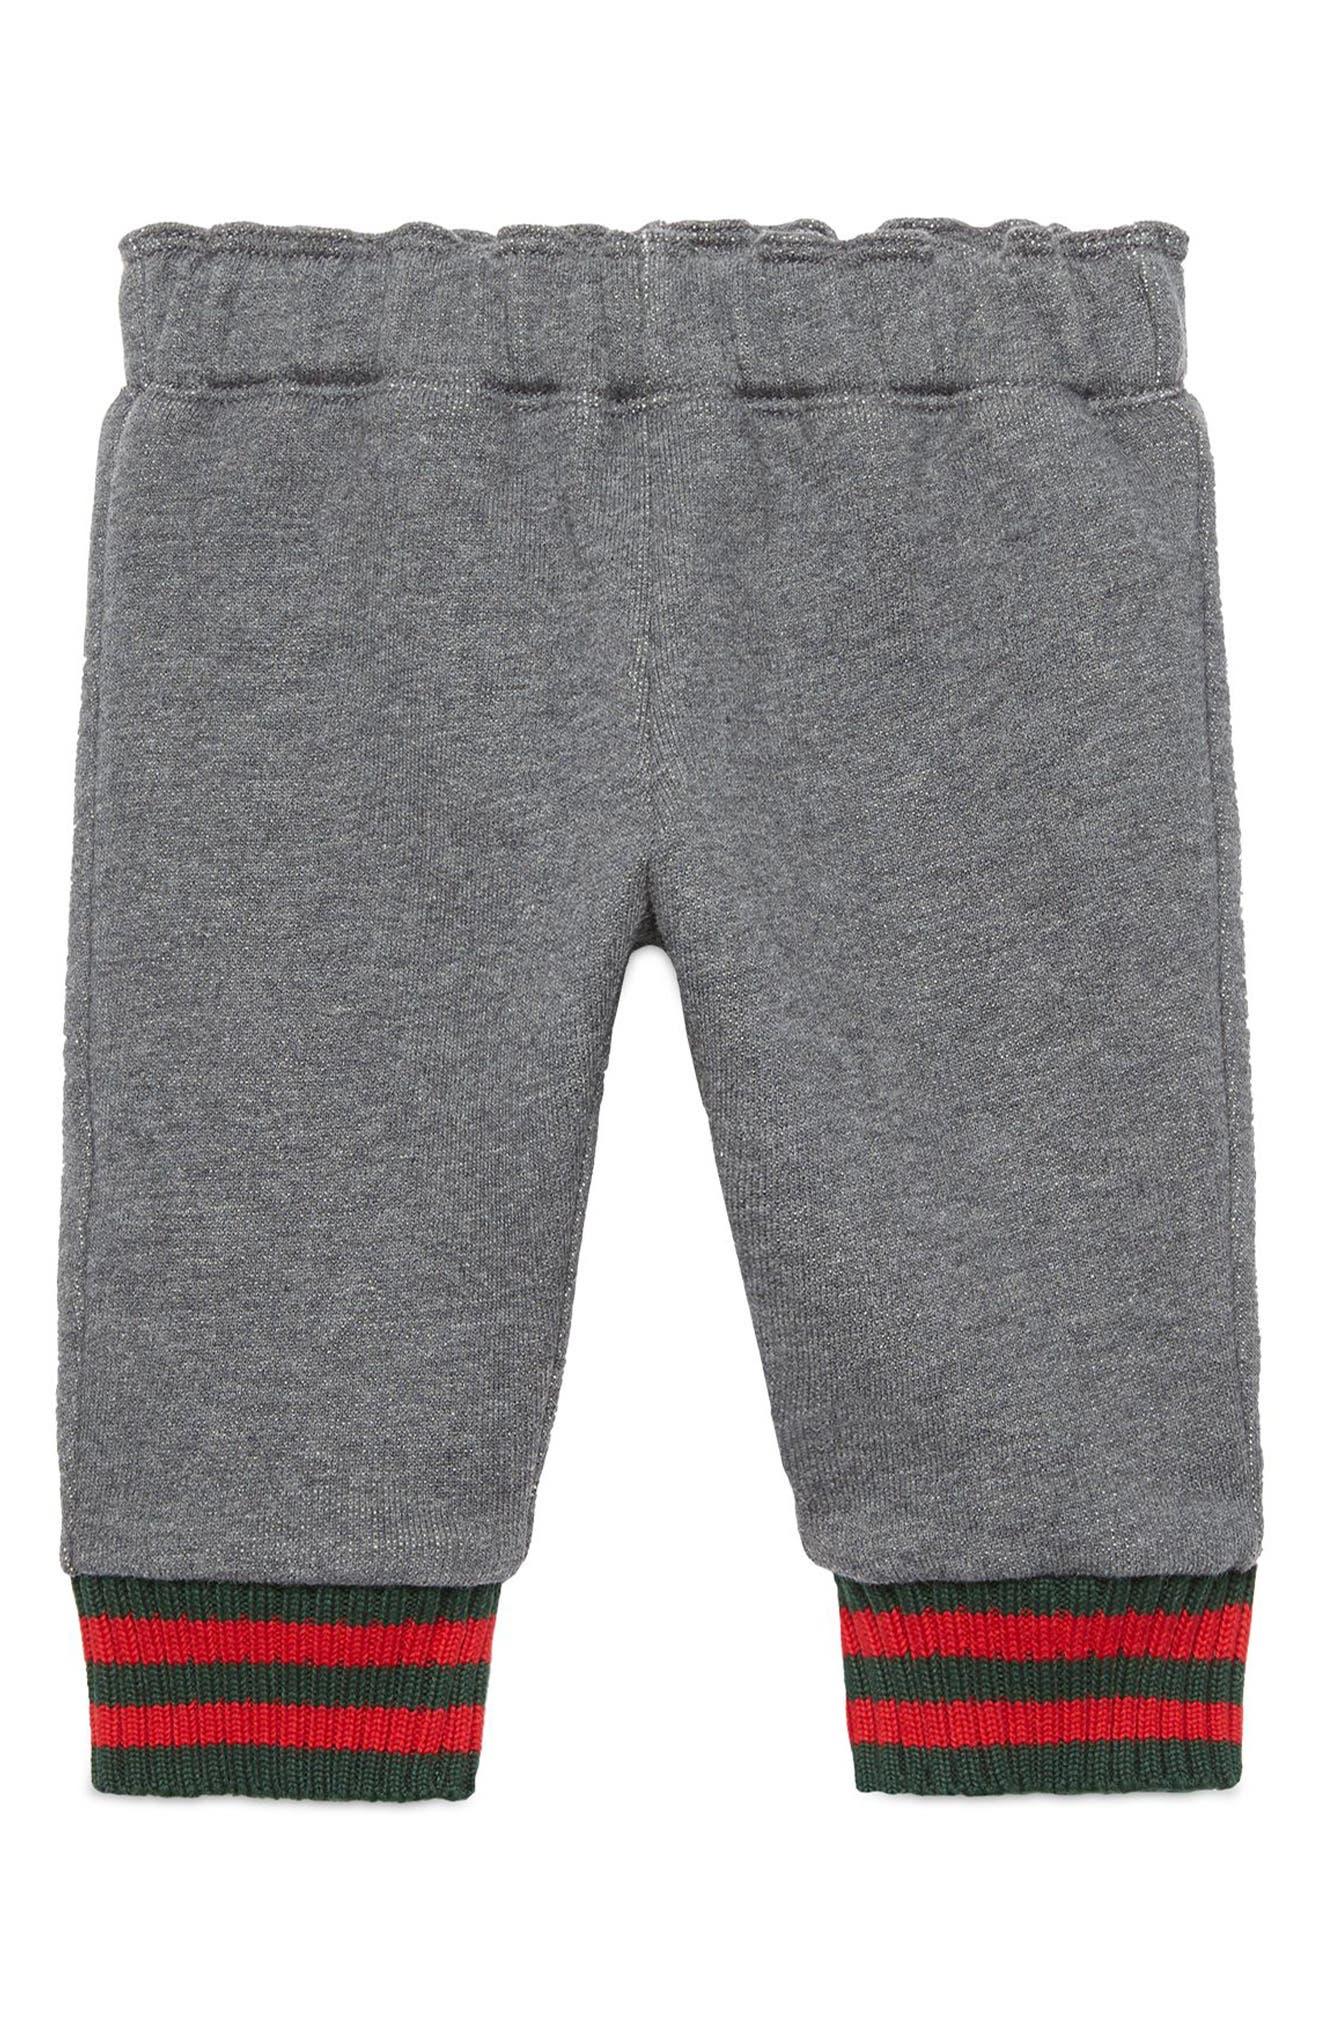 Gucci Jogger Pants (Baby Boys)